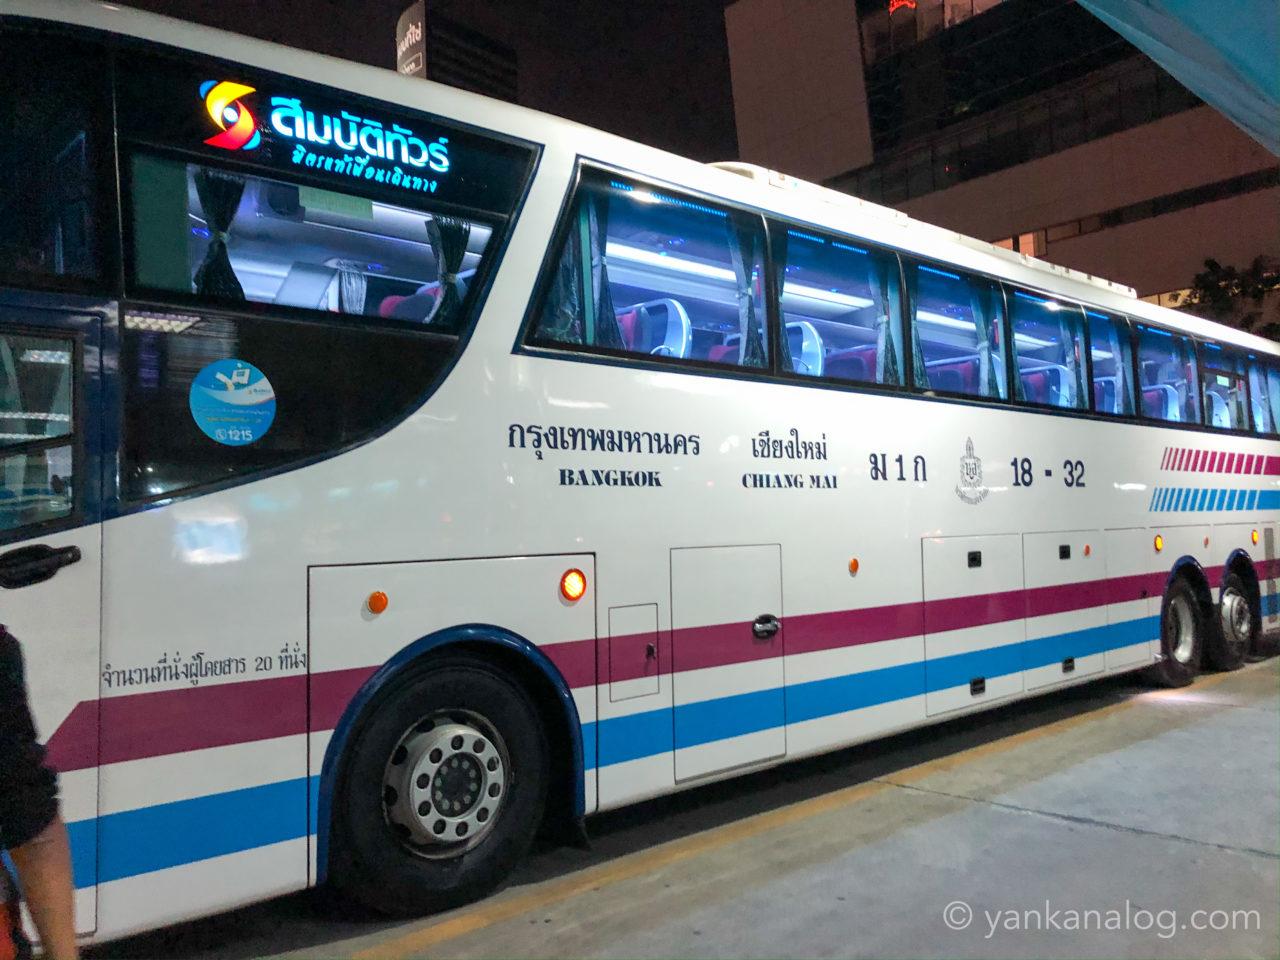 チェンマイ行きソンバットツアーのバス2